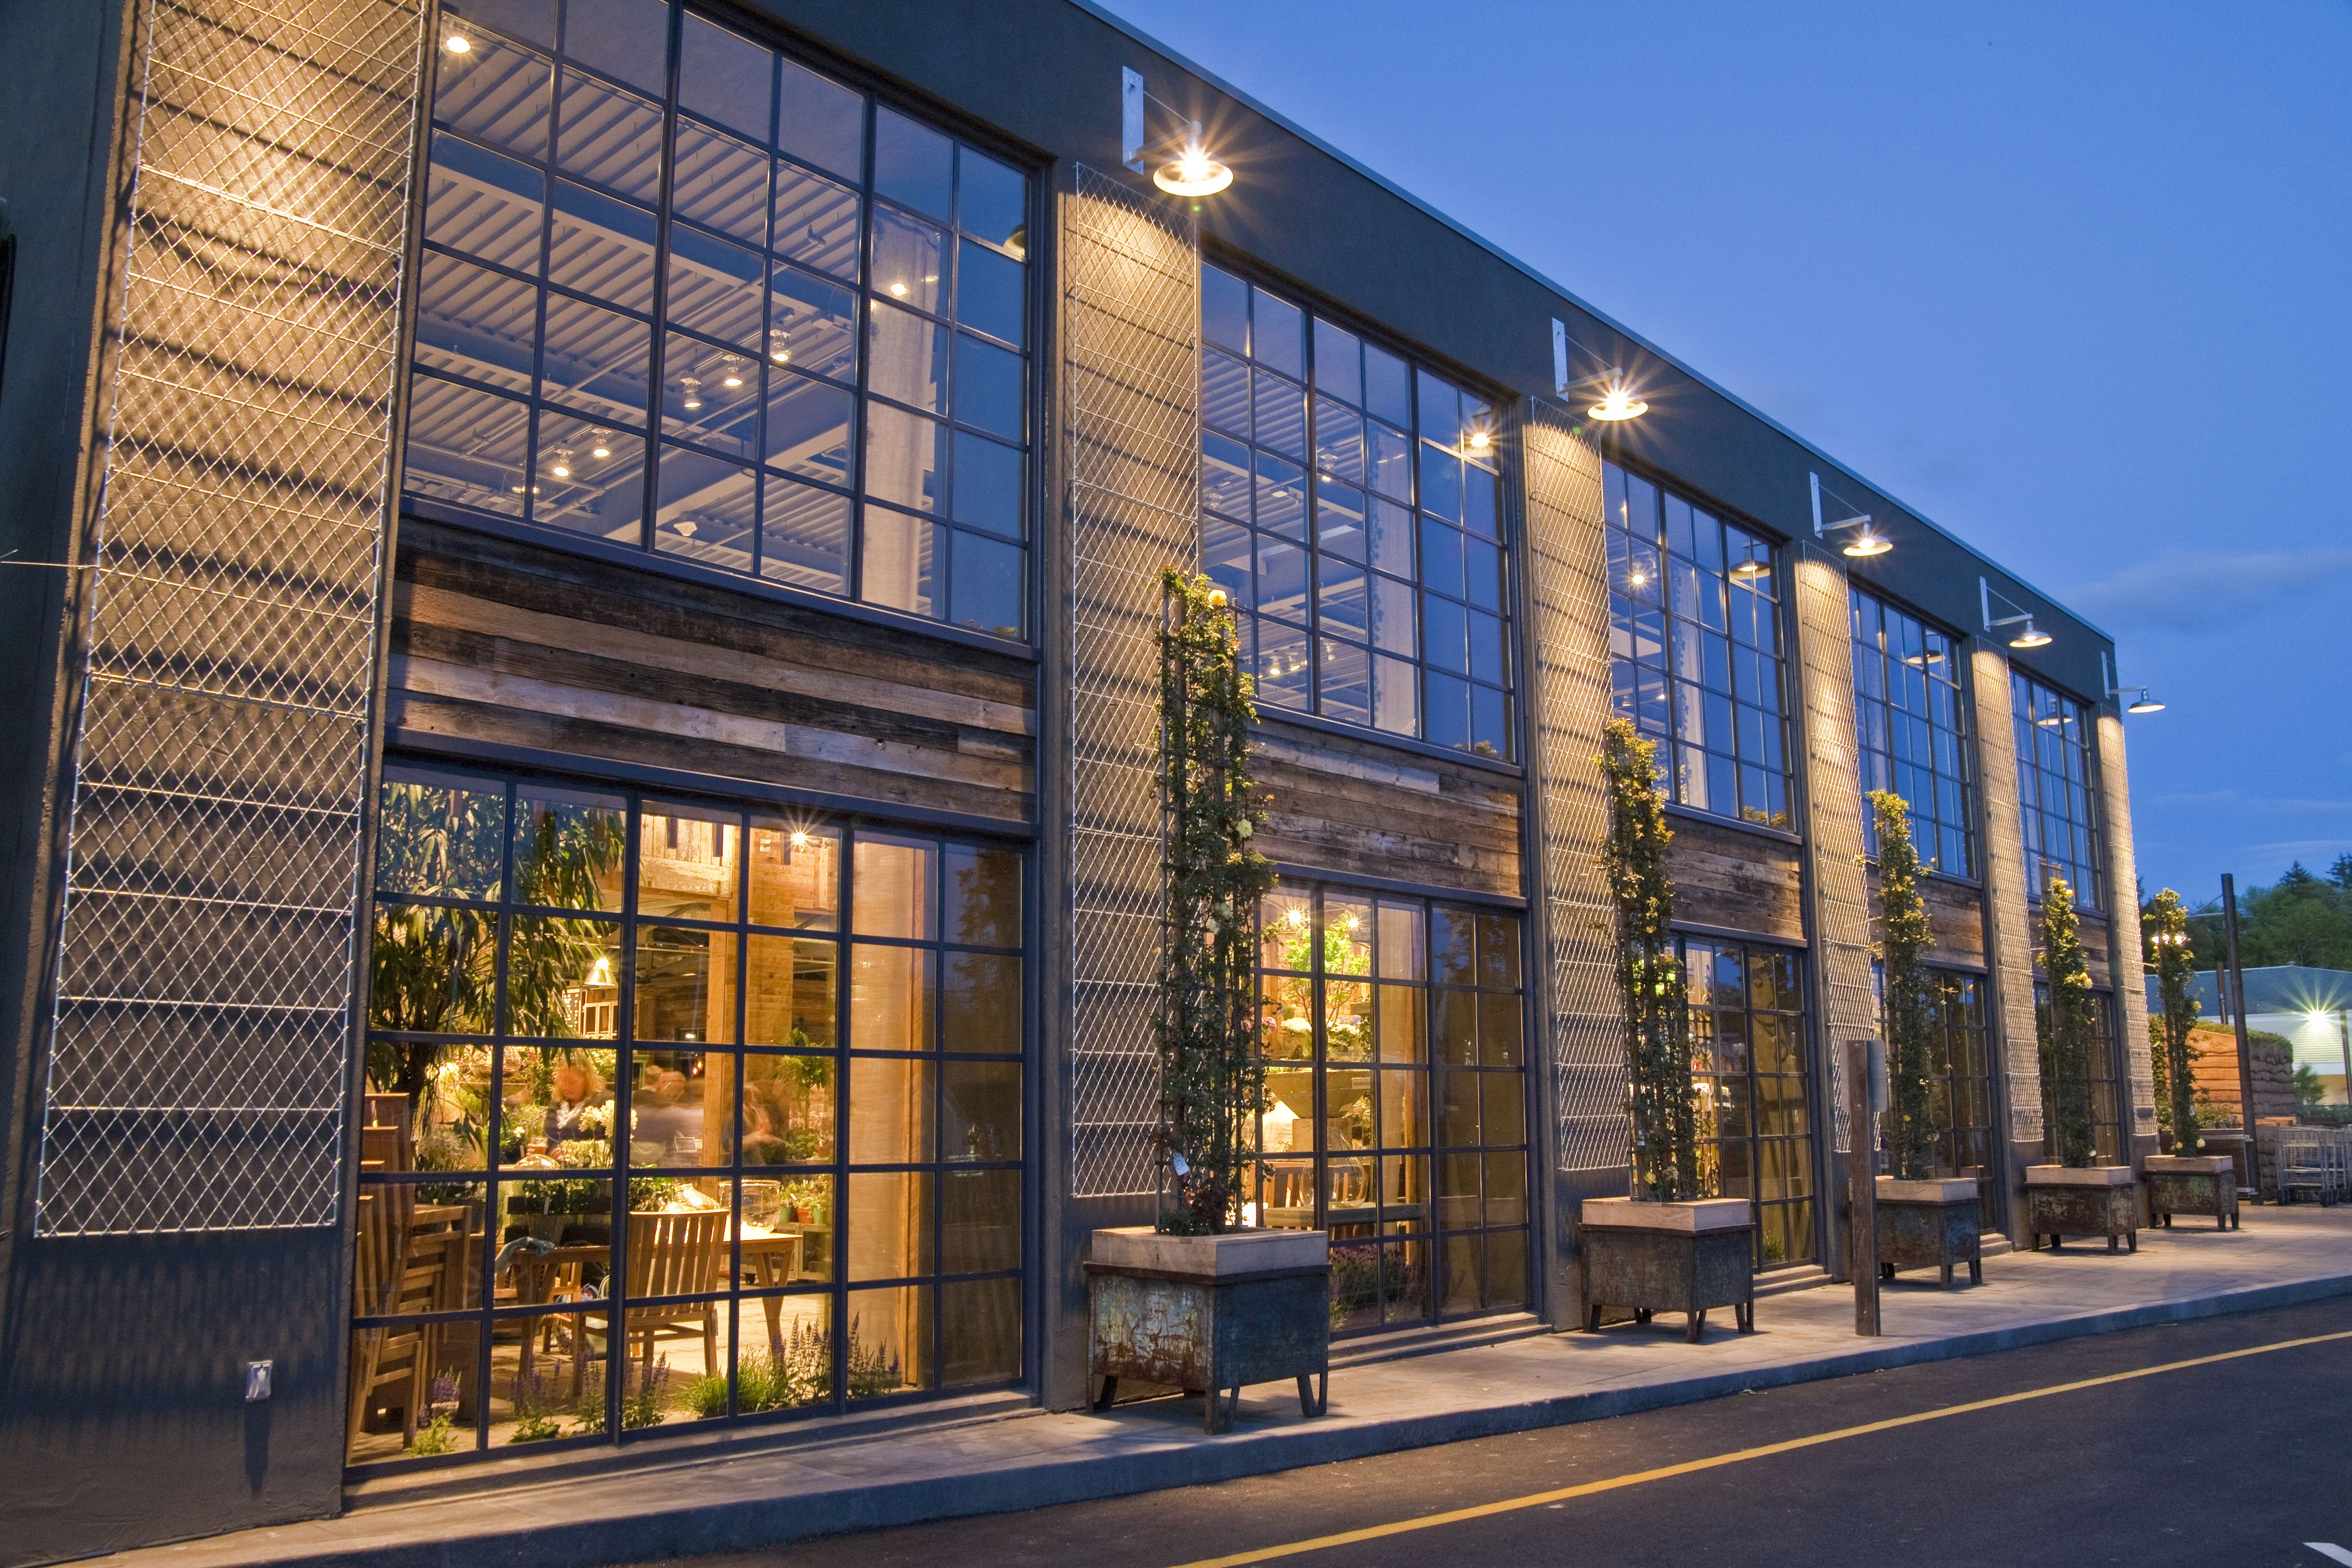 Terrain - Ct Stores Arquitectura